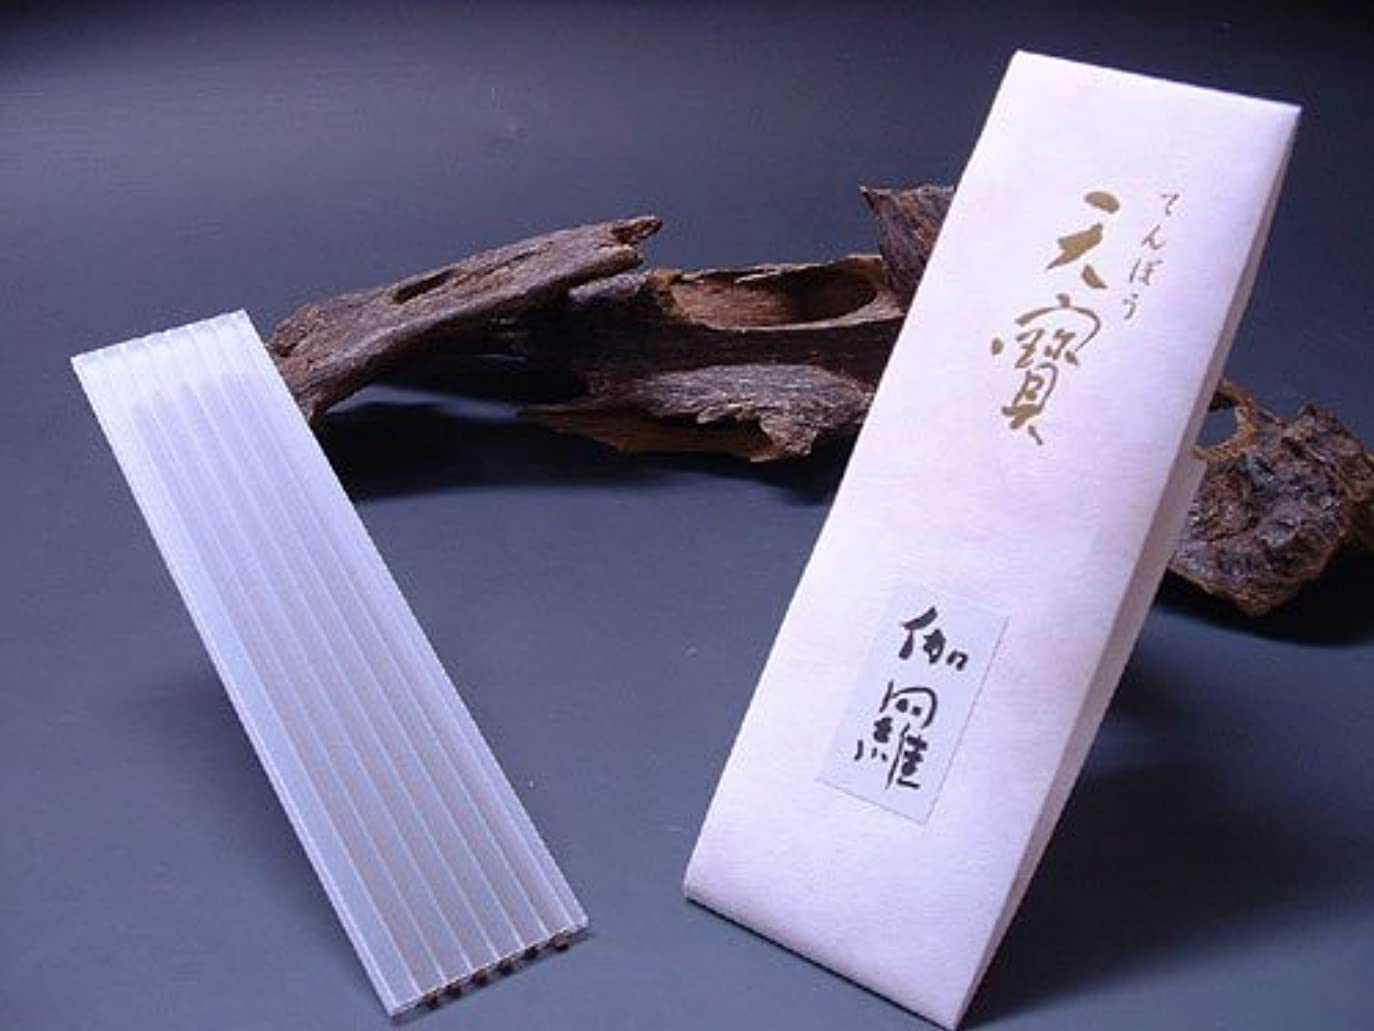 見込み悪行パラナ川薫寿堂のお香 天寶 伽羅 たとう紙 6本入